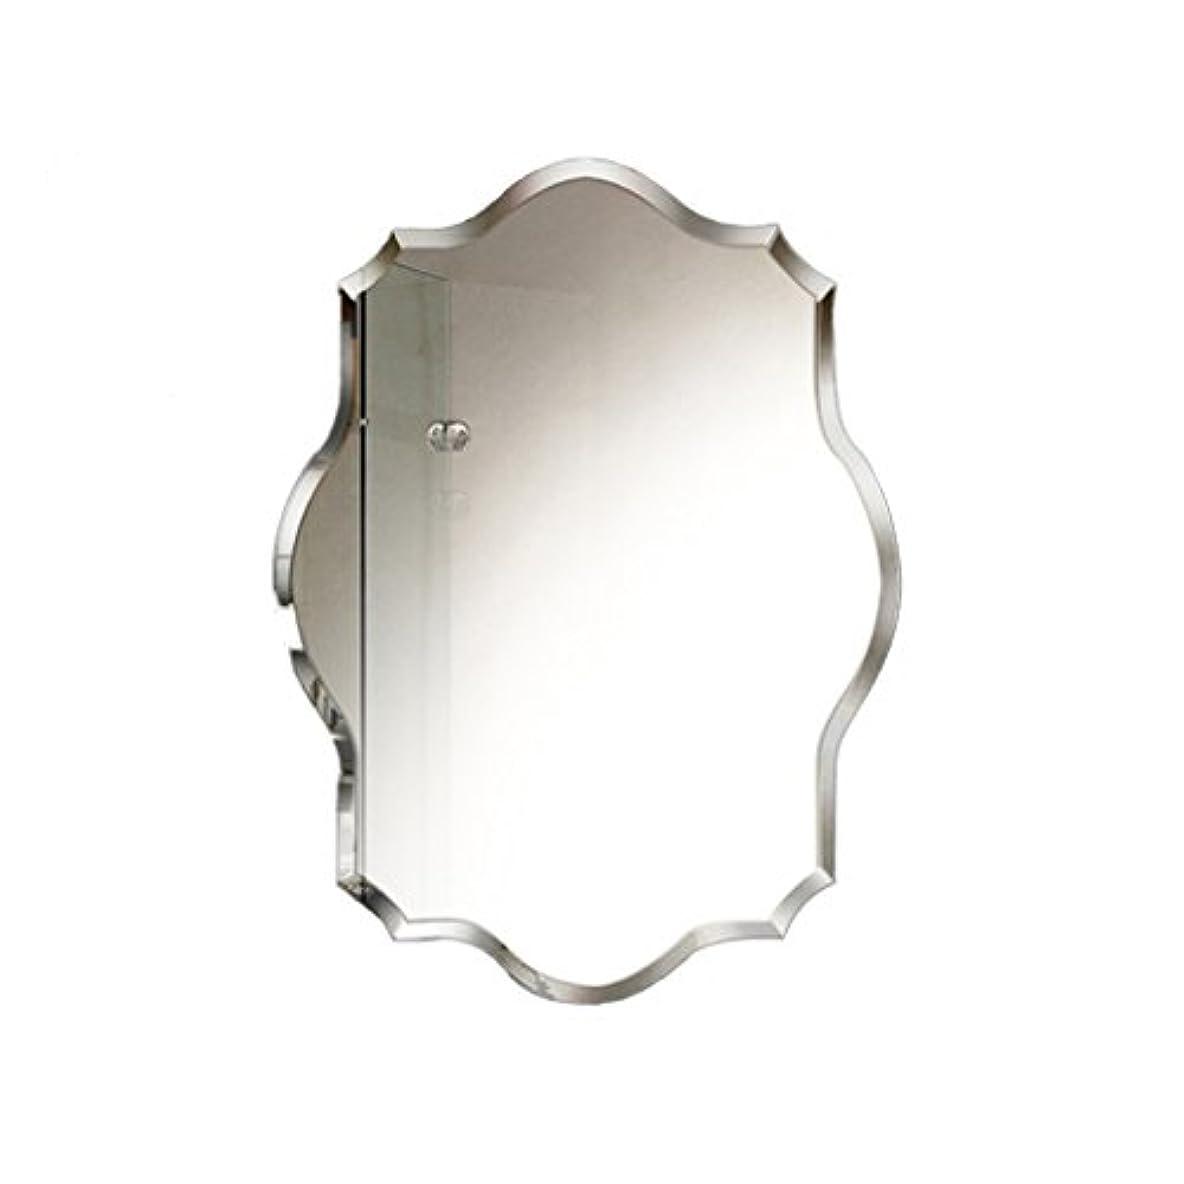 以来はさみしっかりSZQ ウォールマウントミラー、バスルーム/多機能/ベッドルーム/装飾/縁なし/多角形/メイクアップミラー/クリエイティブミラー 反射良い (サイズ さいず : 50 * 70CM)